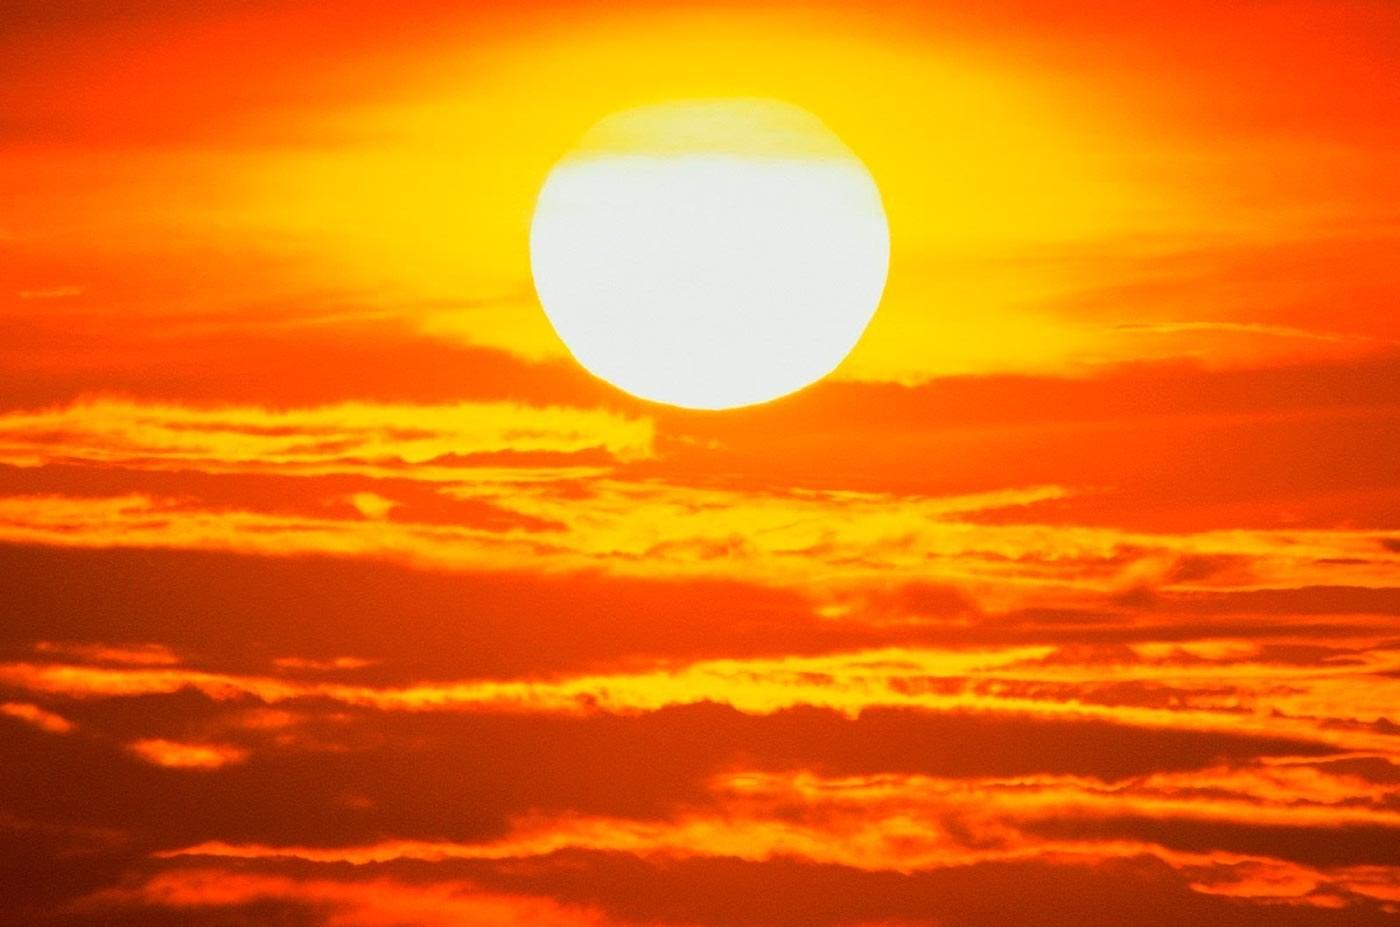 Температура воздуха в Узбекистане повысится до 44 градусов